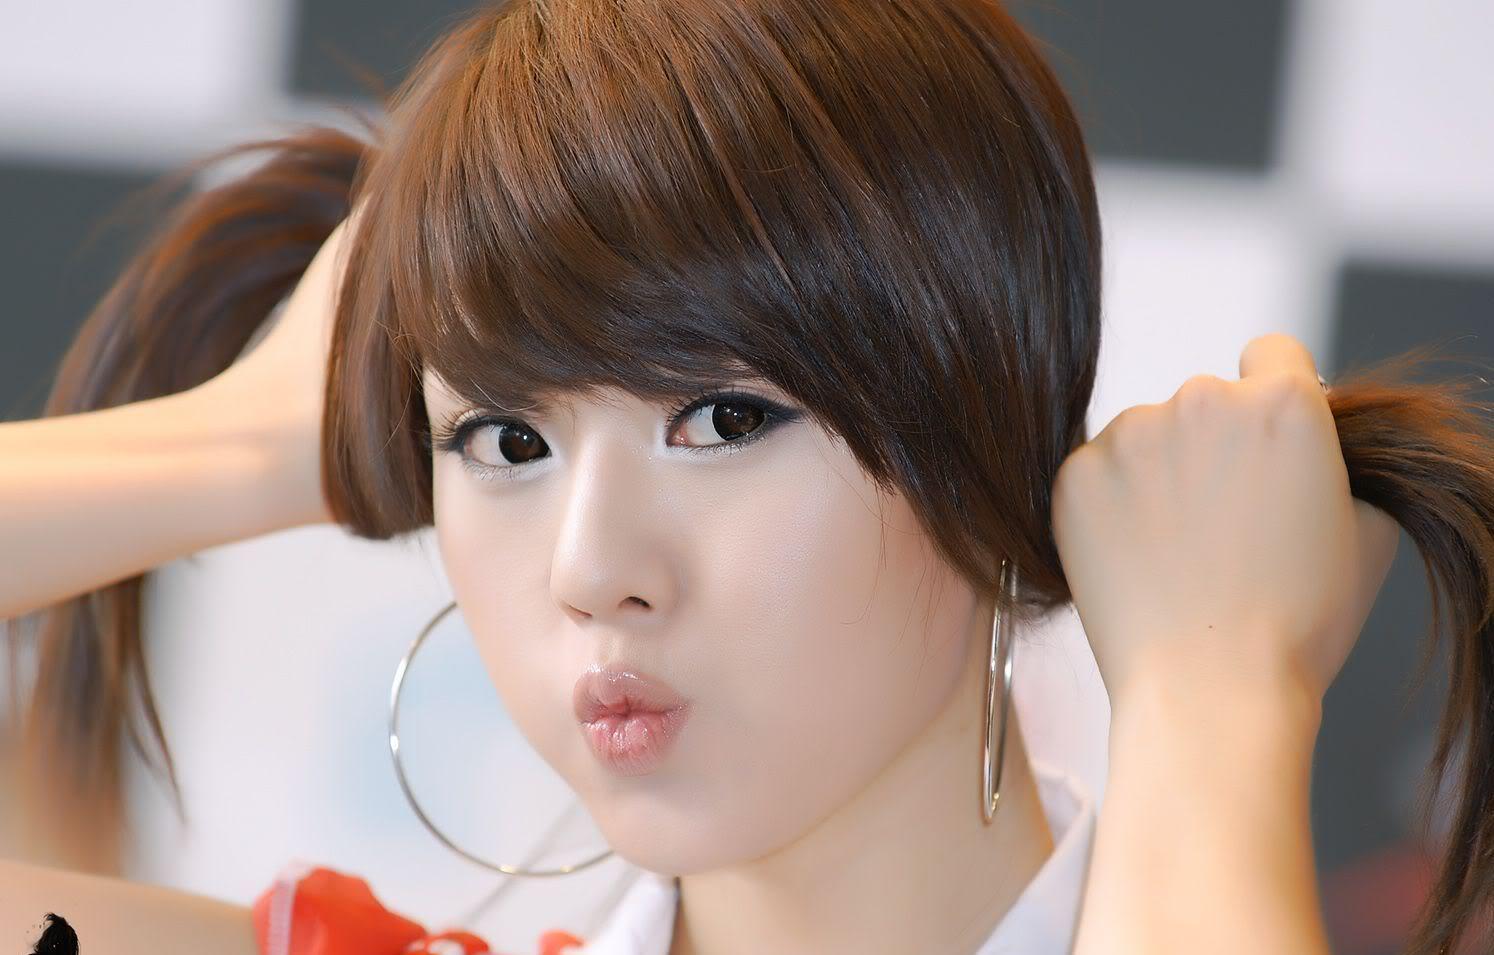 بالصور اجمل بنات كوريات في العالم , ملكات جمال كوريا 3553